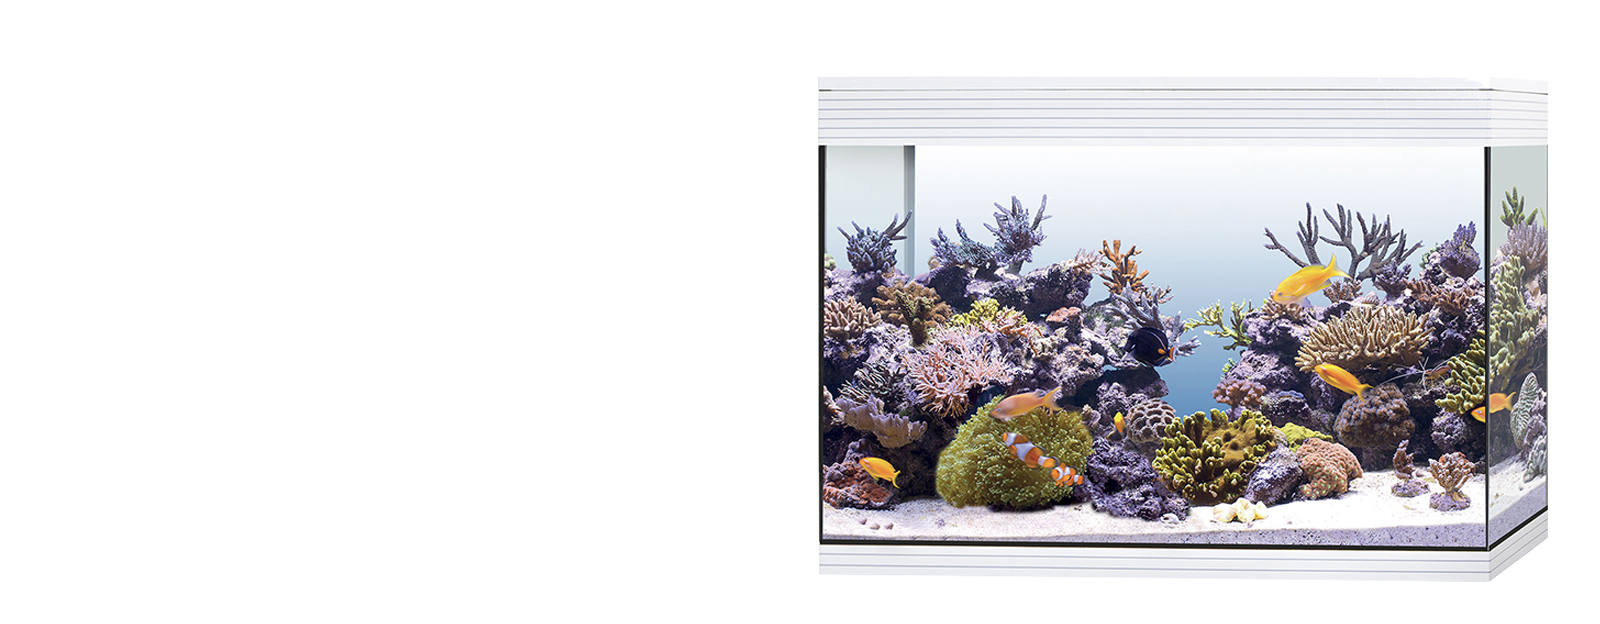 PURE MARINE XL-HC LED